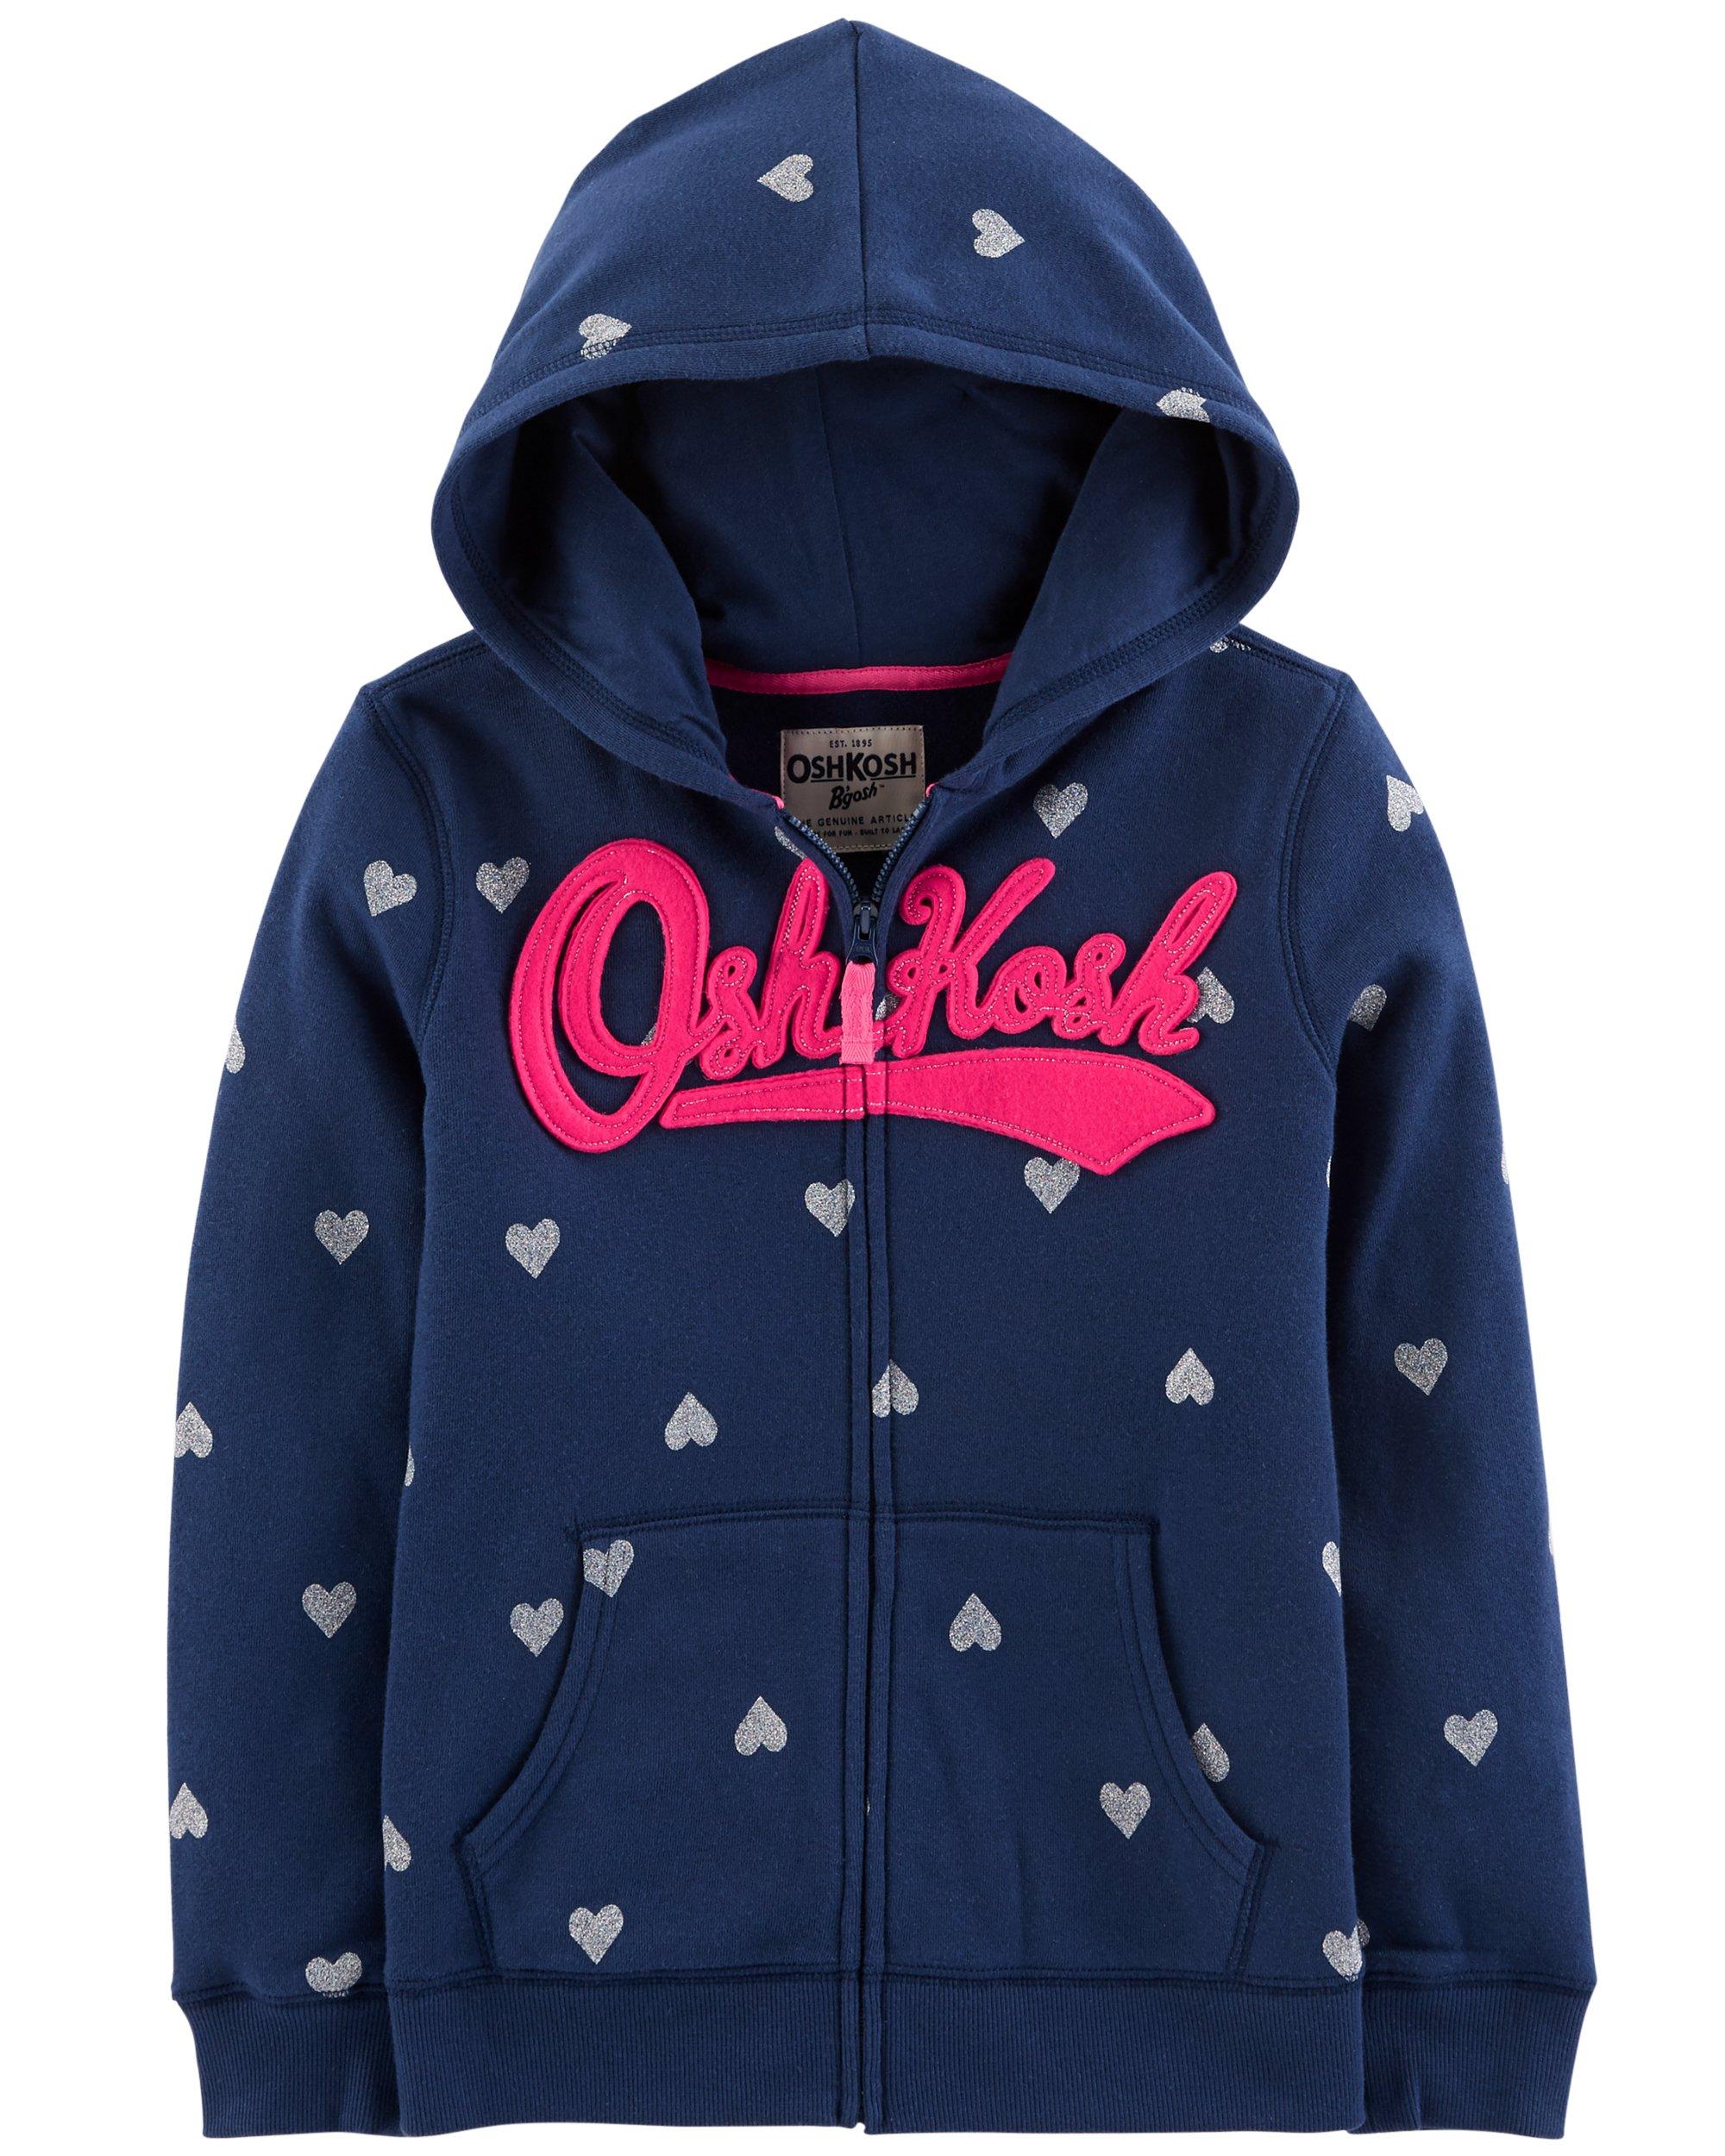 OshKosh B'Gosh Girls' Kids Full Zip Logo Hoodie, Navy Heart, 8